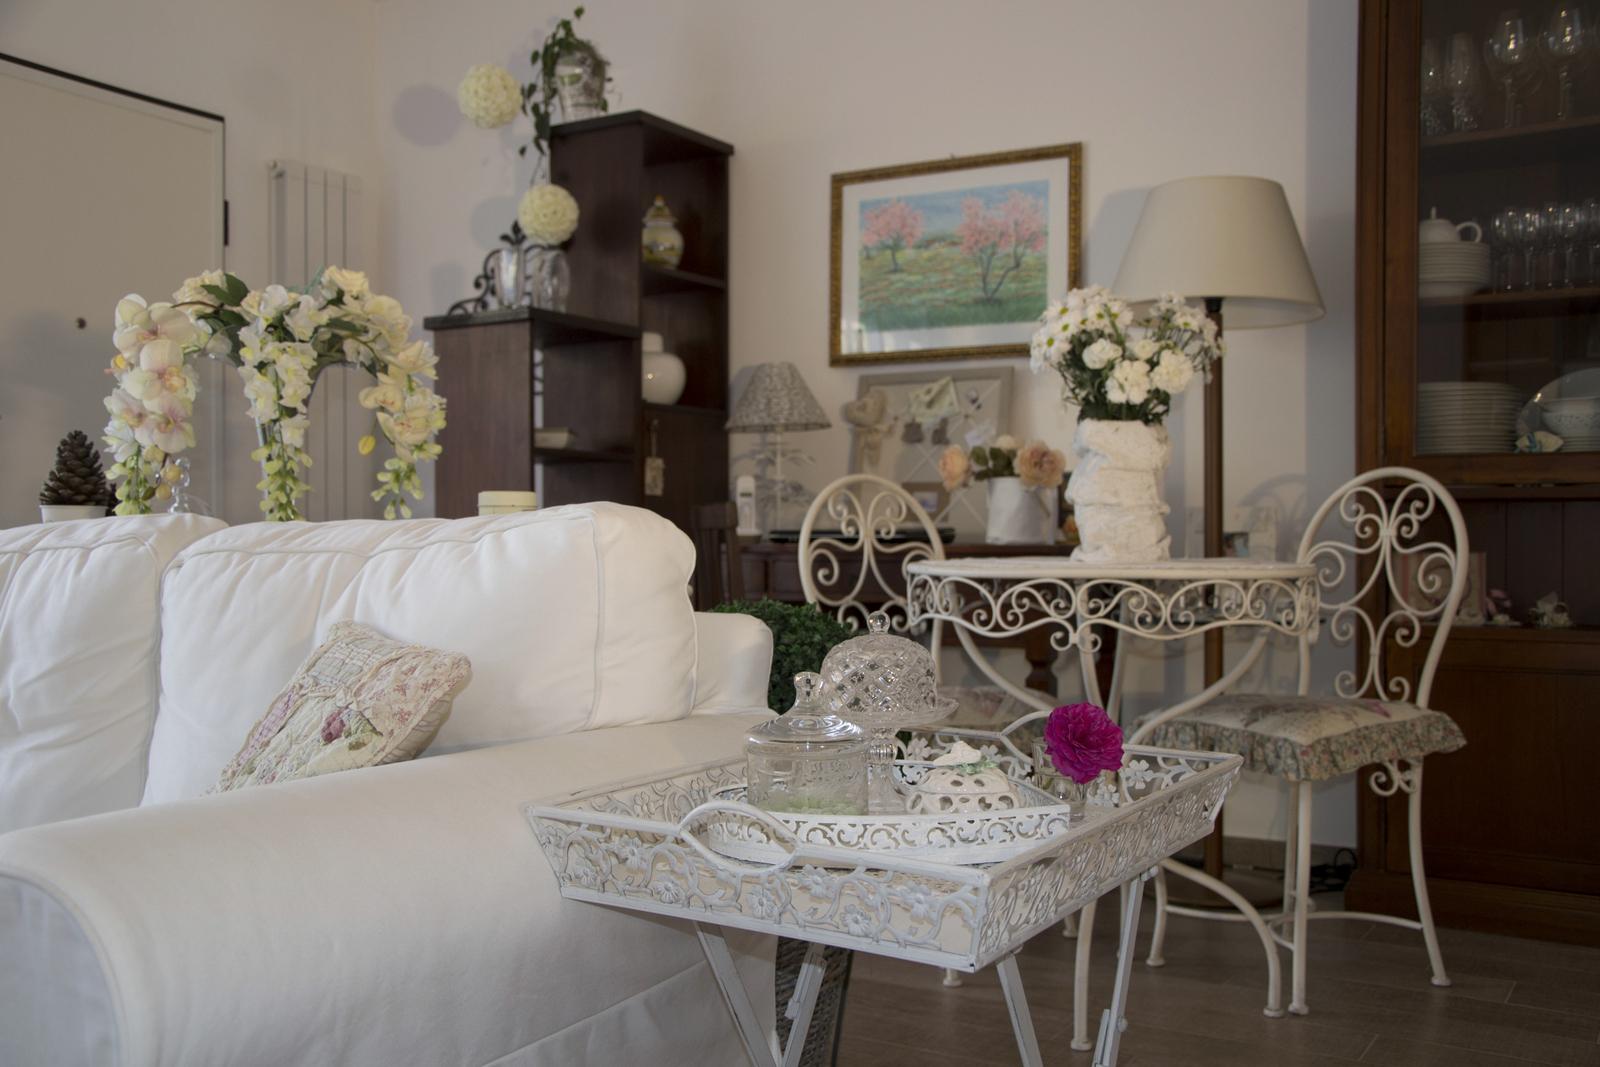 Shabbychiclife la mia casa su casa romantica vuoi fare for Immagini case arredate